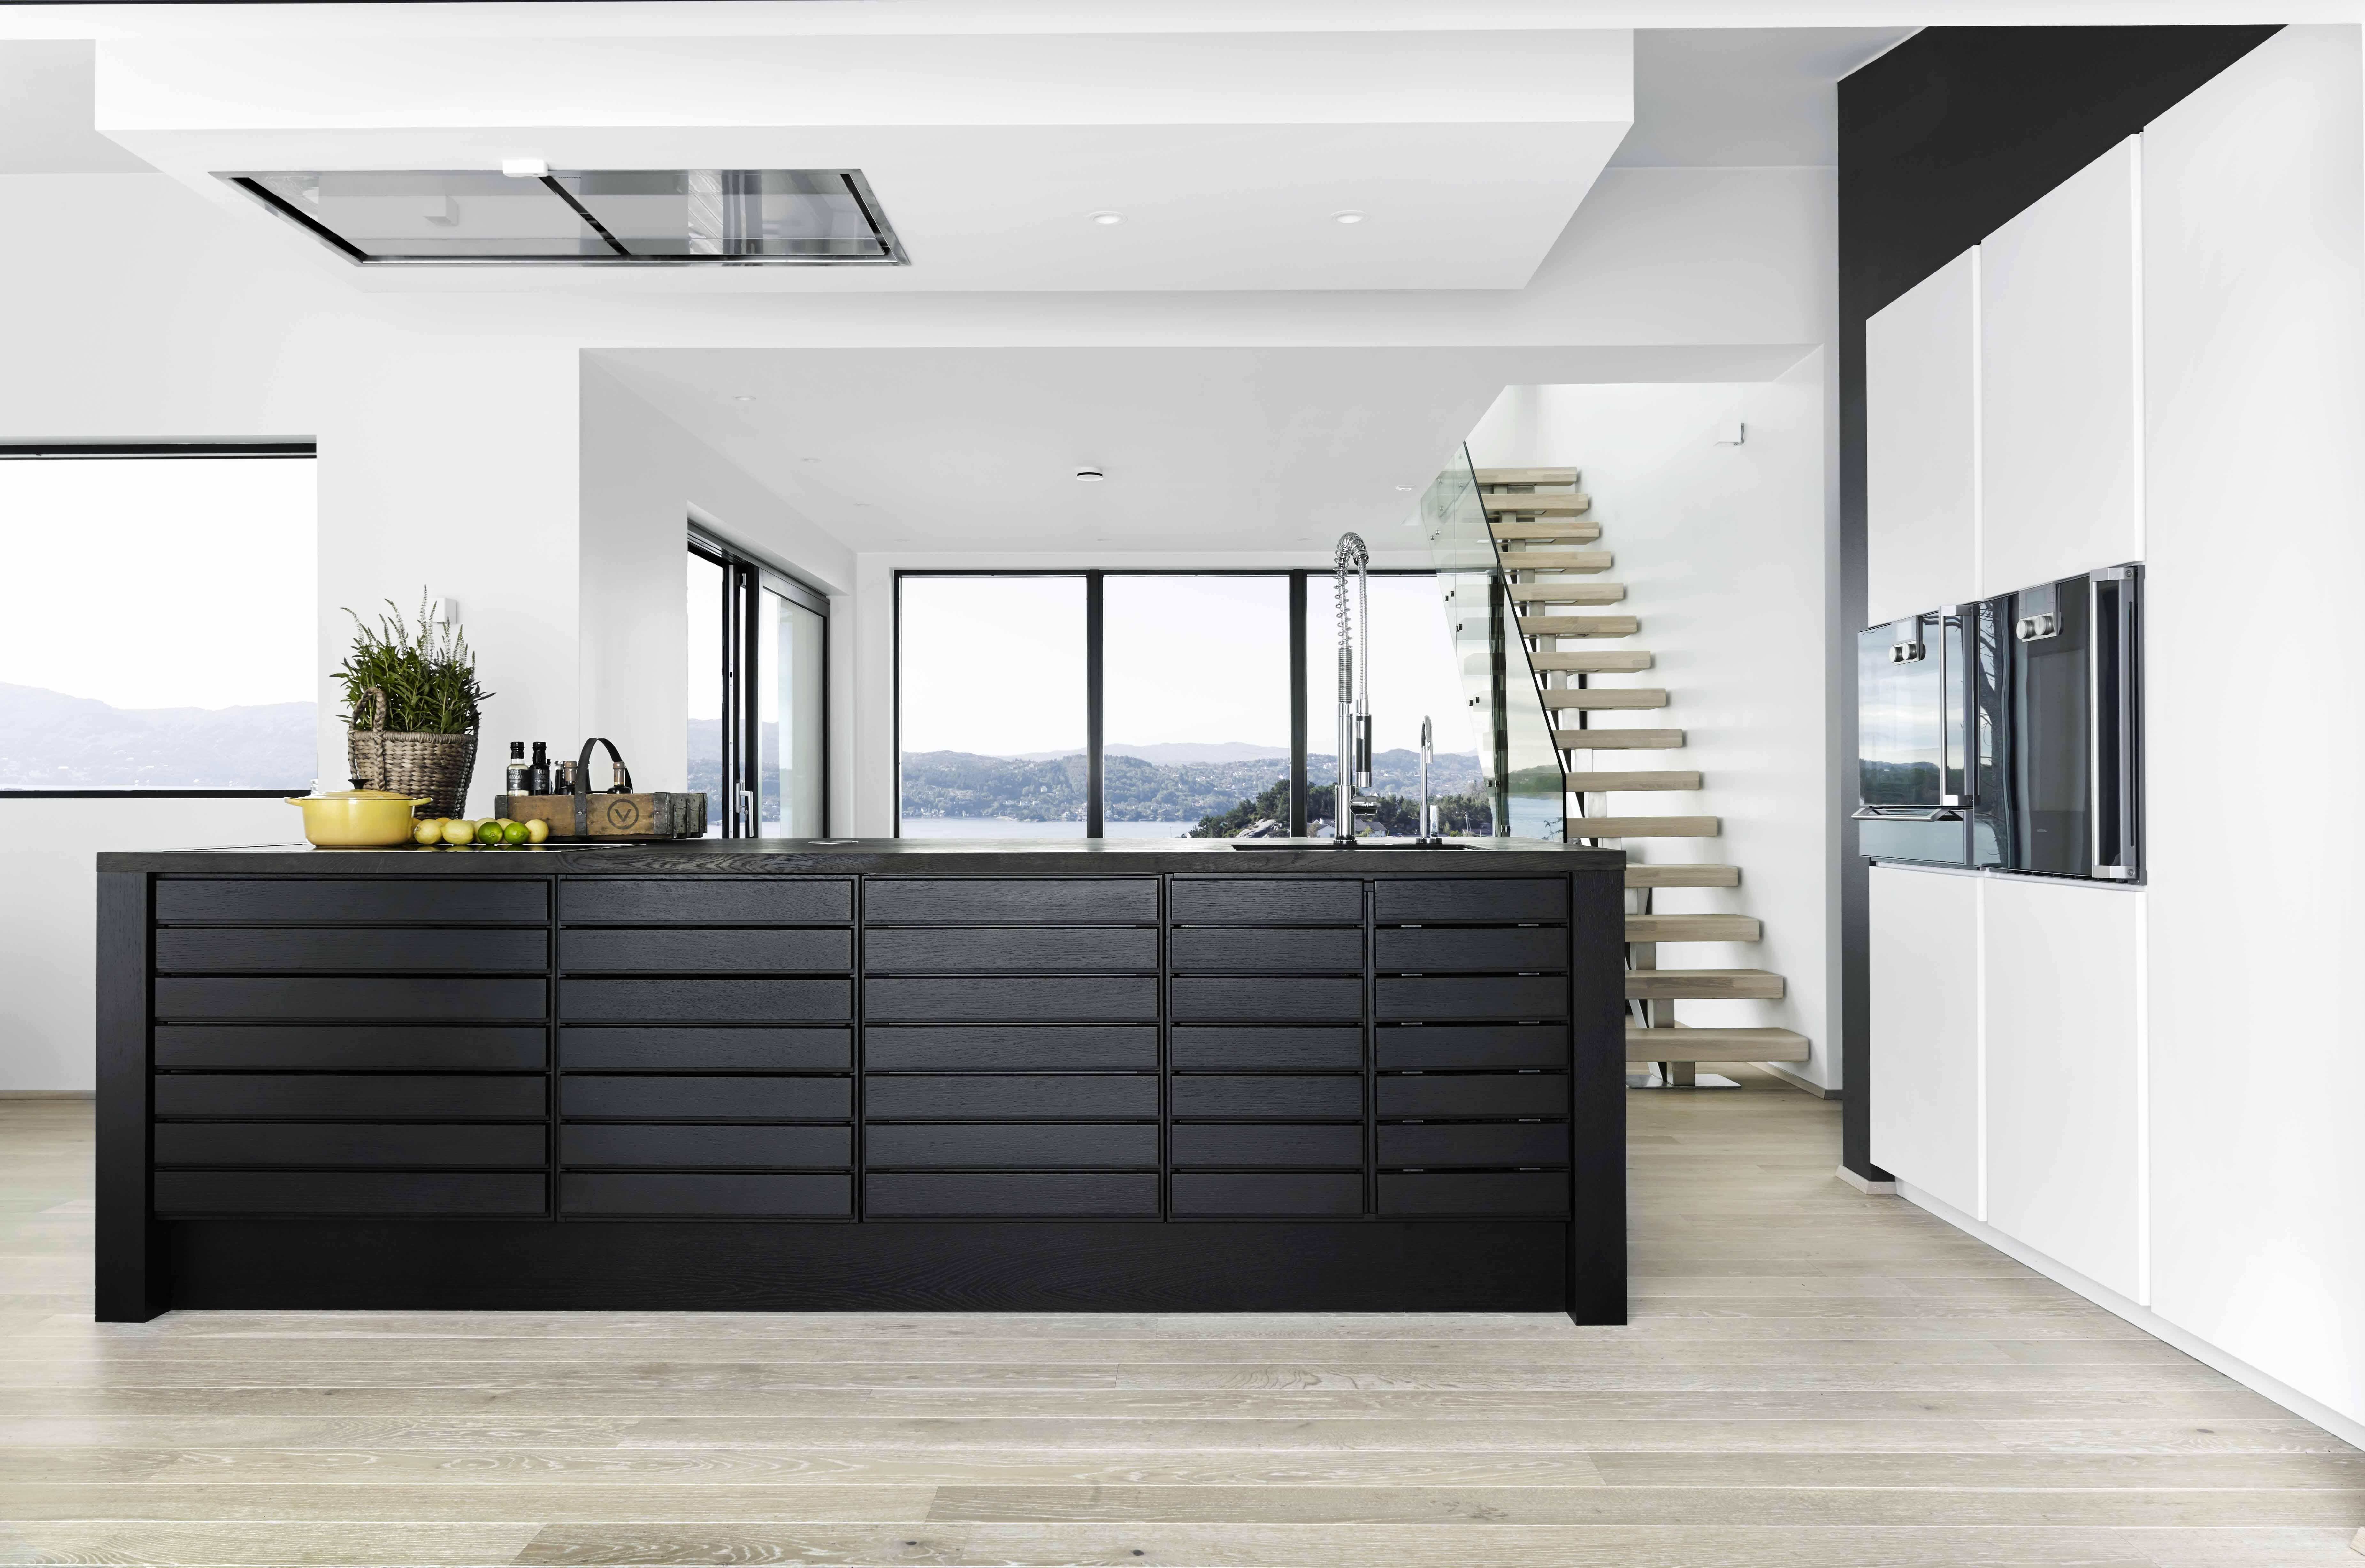 Multiform i Stockholm - Sickla Köpkvarter